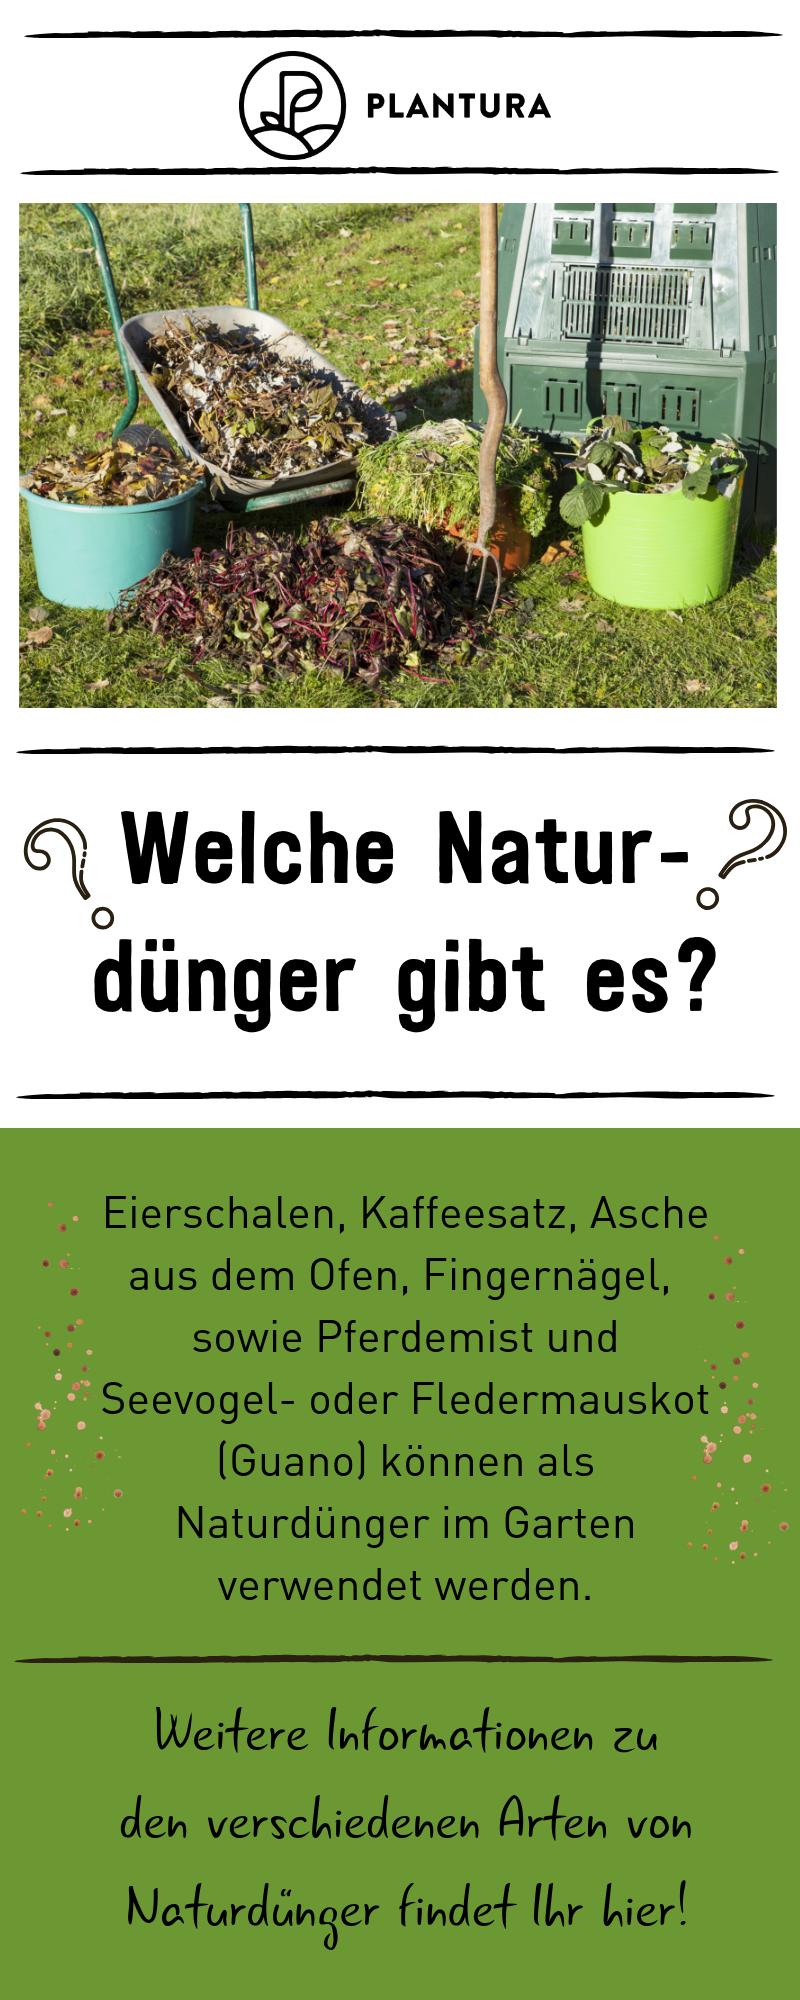 Naturdunger Anwendung Vorteile Von Naturlichem Dunger Plantura Gartentipps Biologischer Anbau Garten Pflanzen